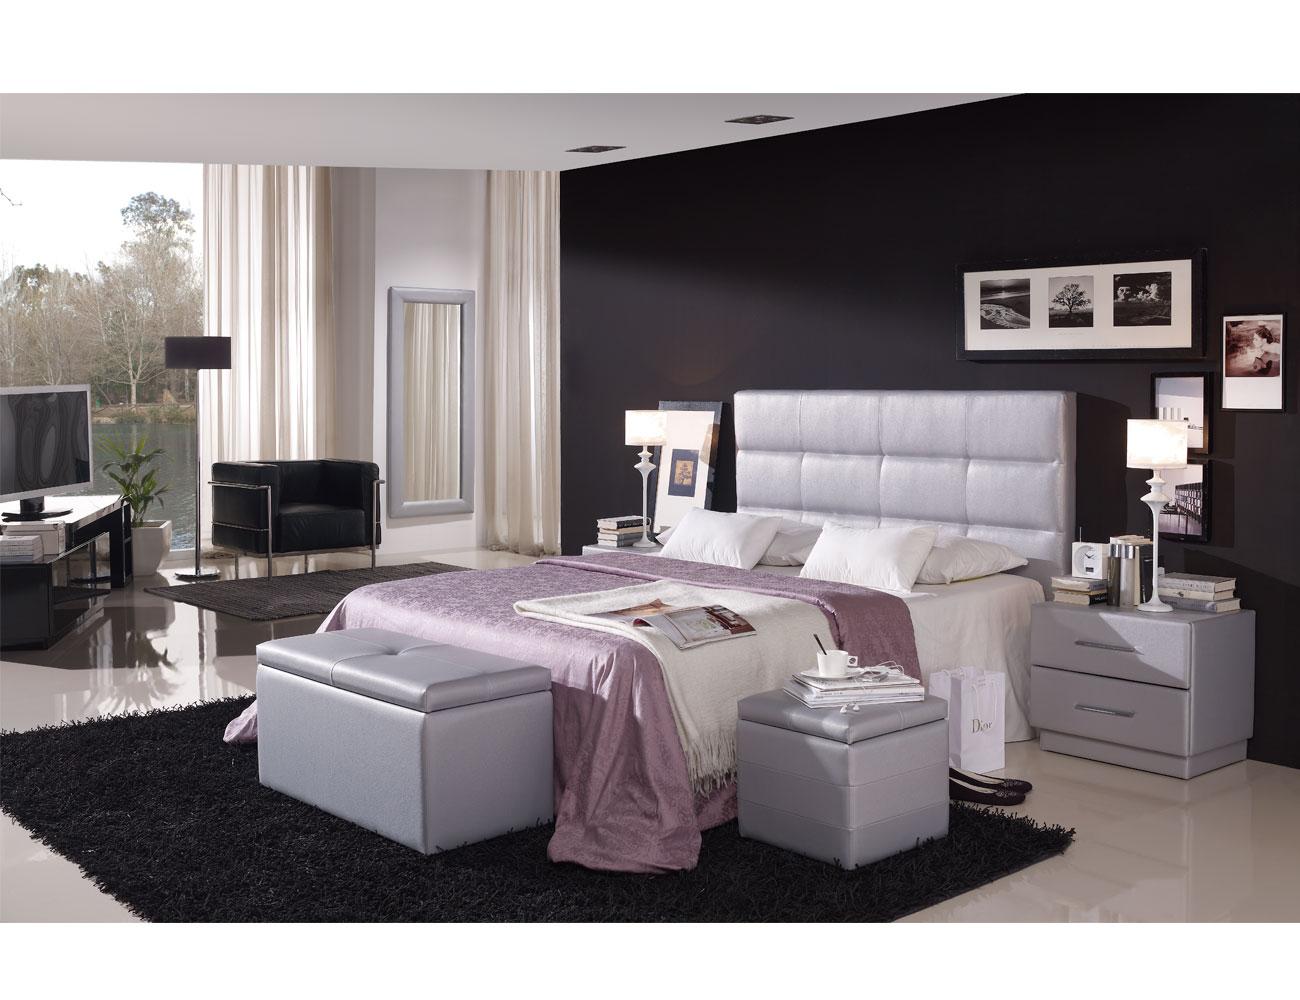 23 marco tapizado dormitorio923